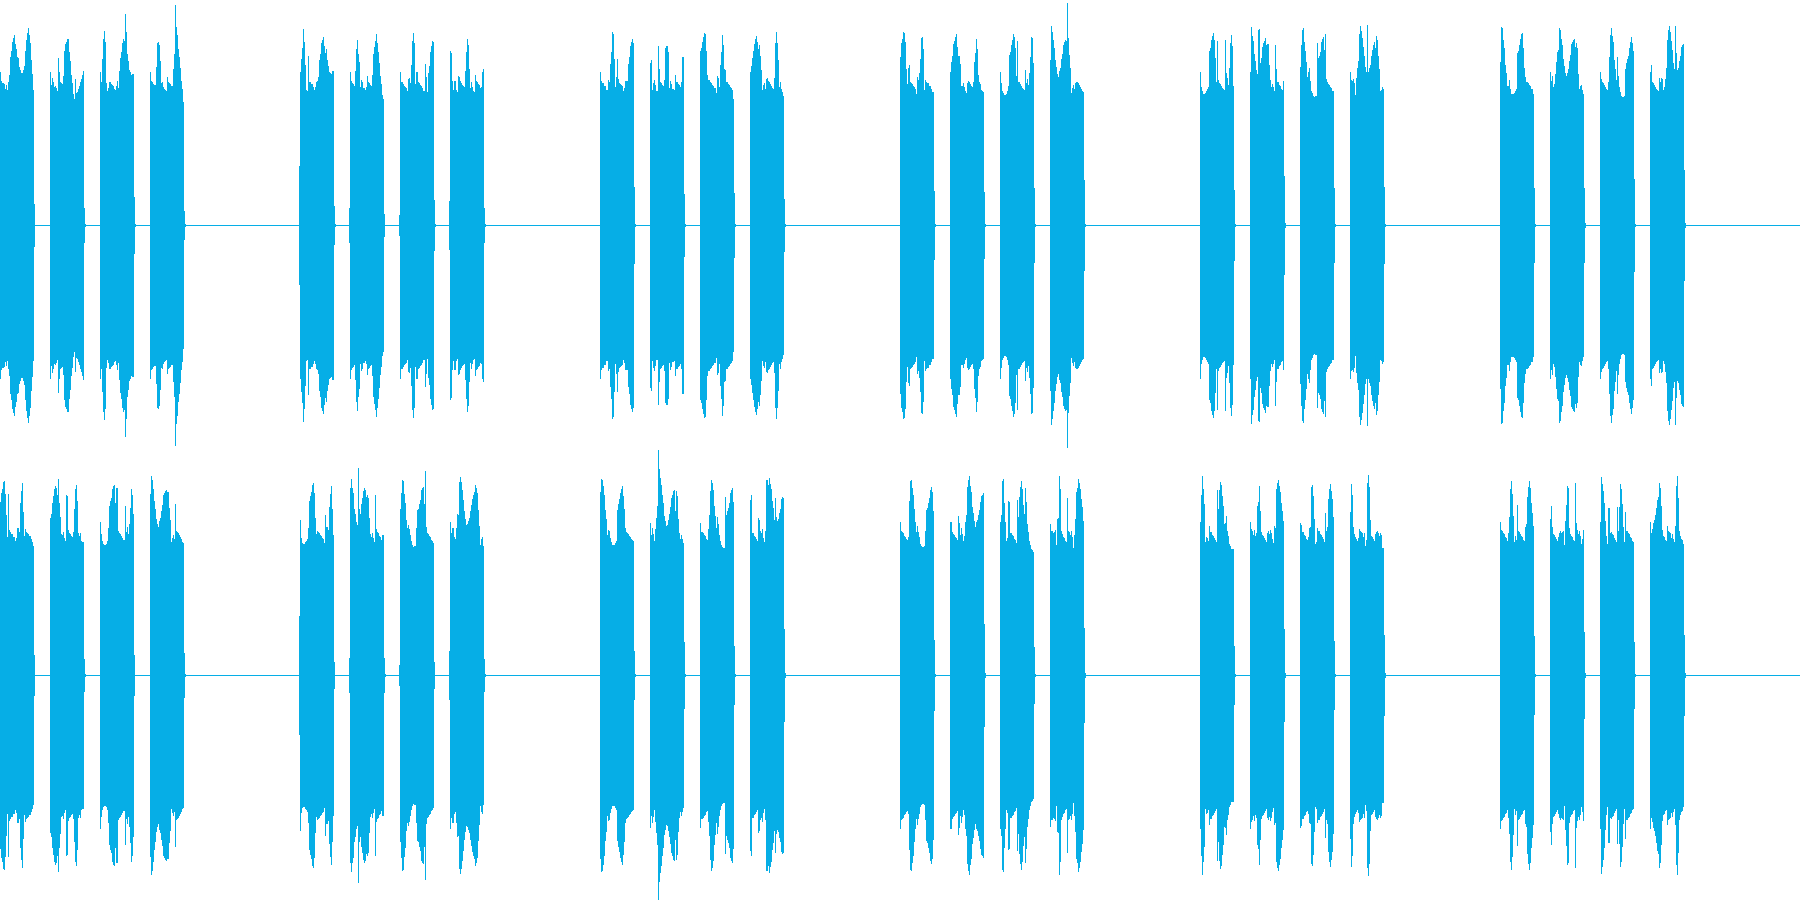 ピピピピッ..。携帯の着信音B(長め)の再生済みの波形